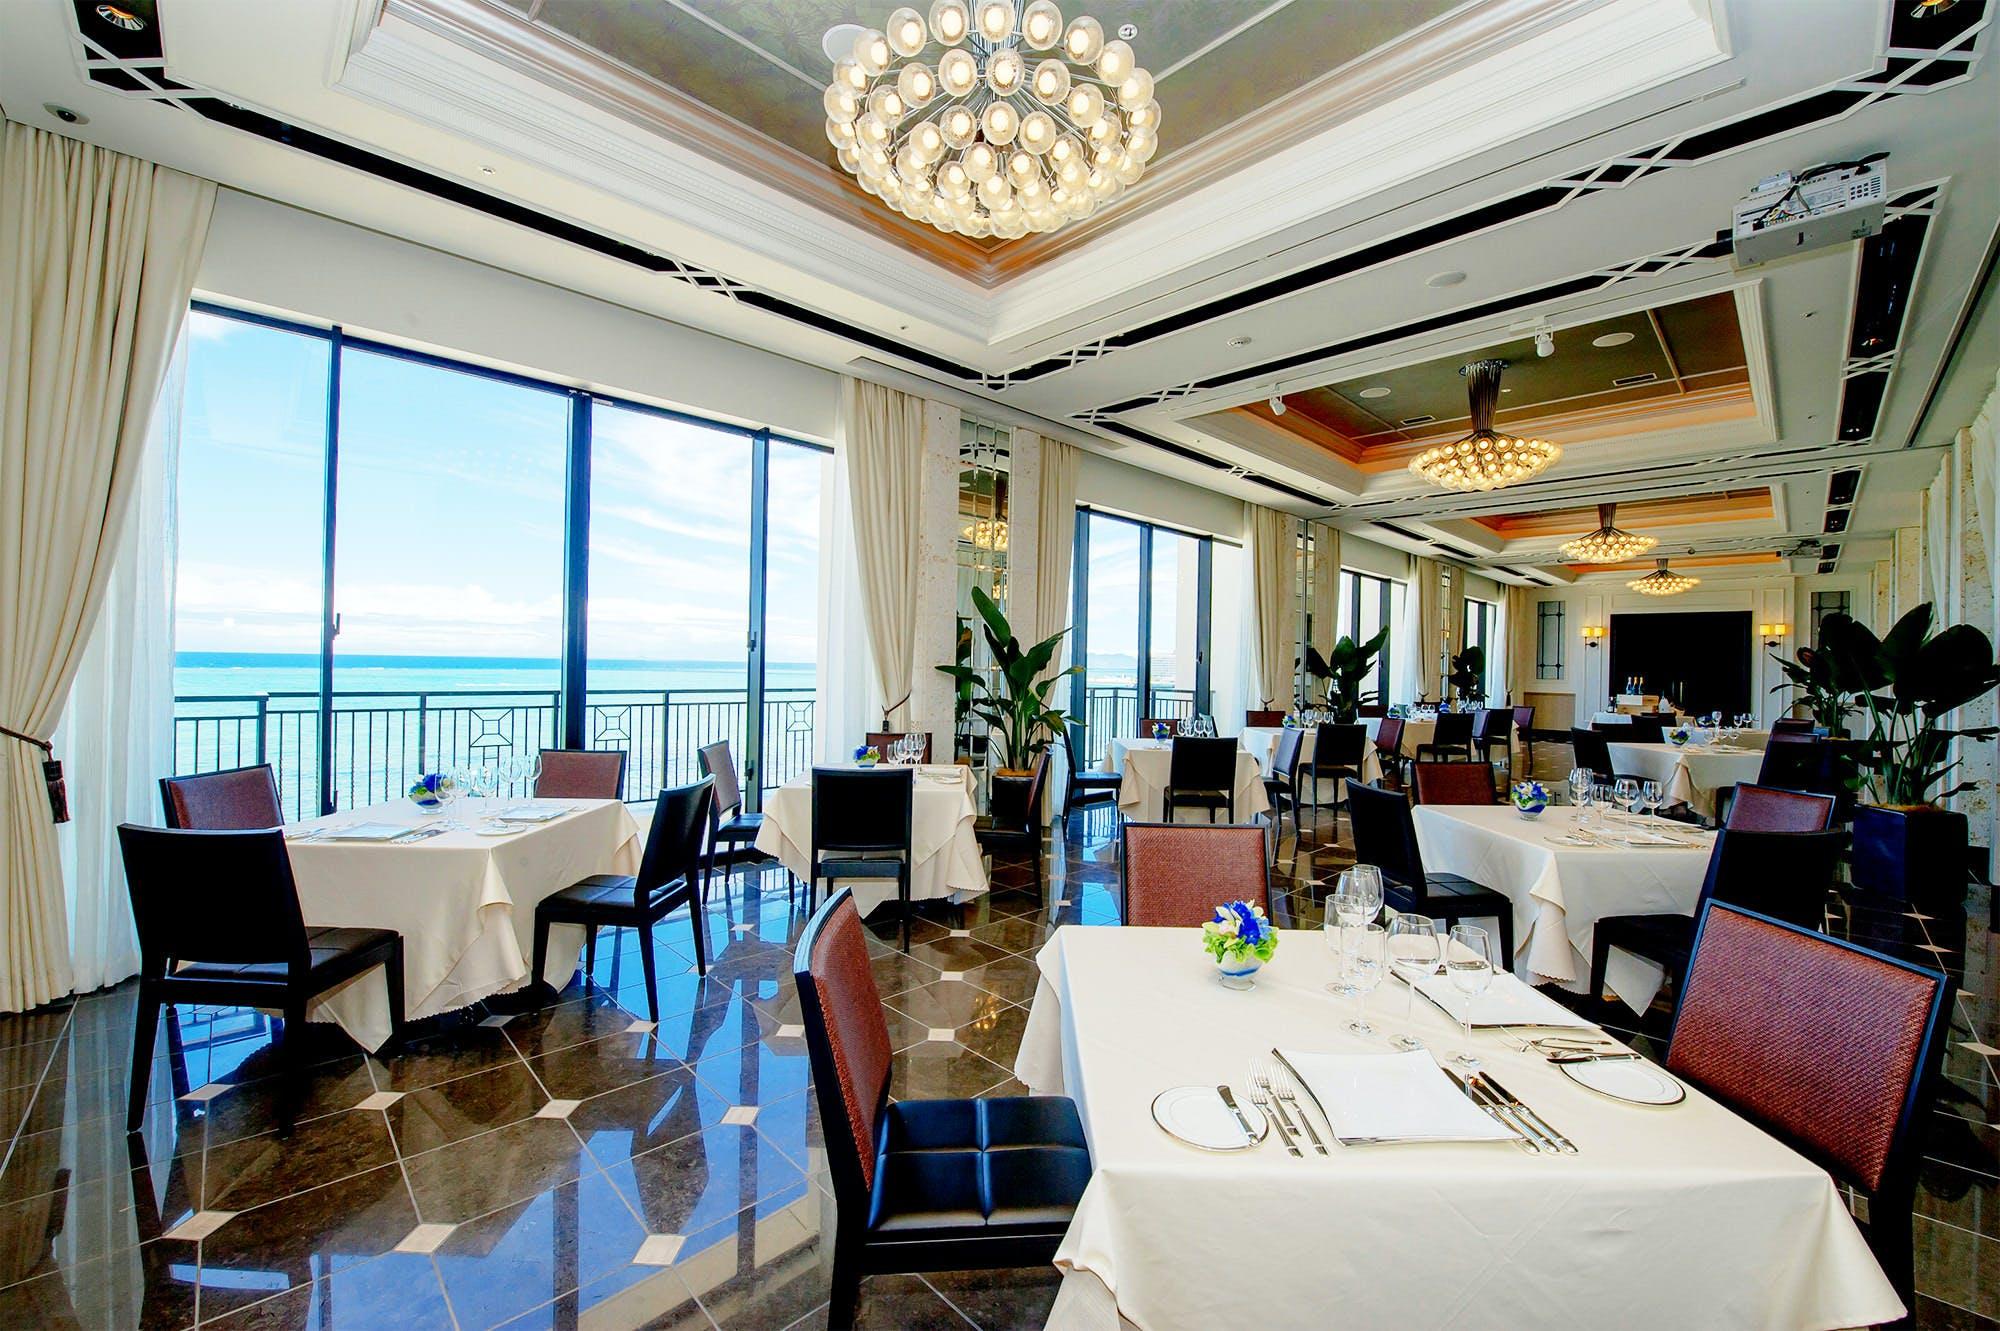 エスカーレ/ホテルモントレ沖縄スパ&リゾート